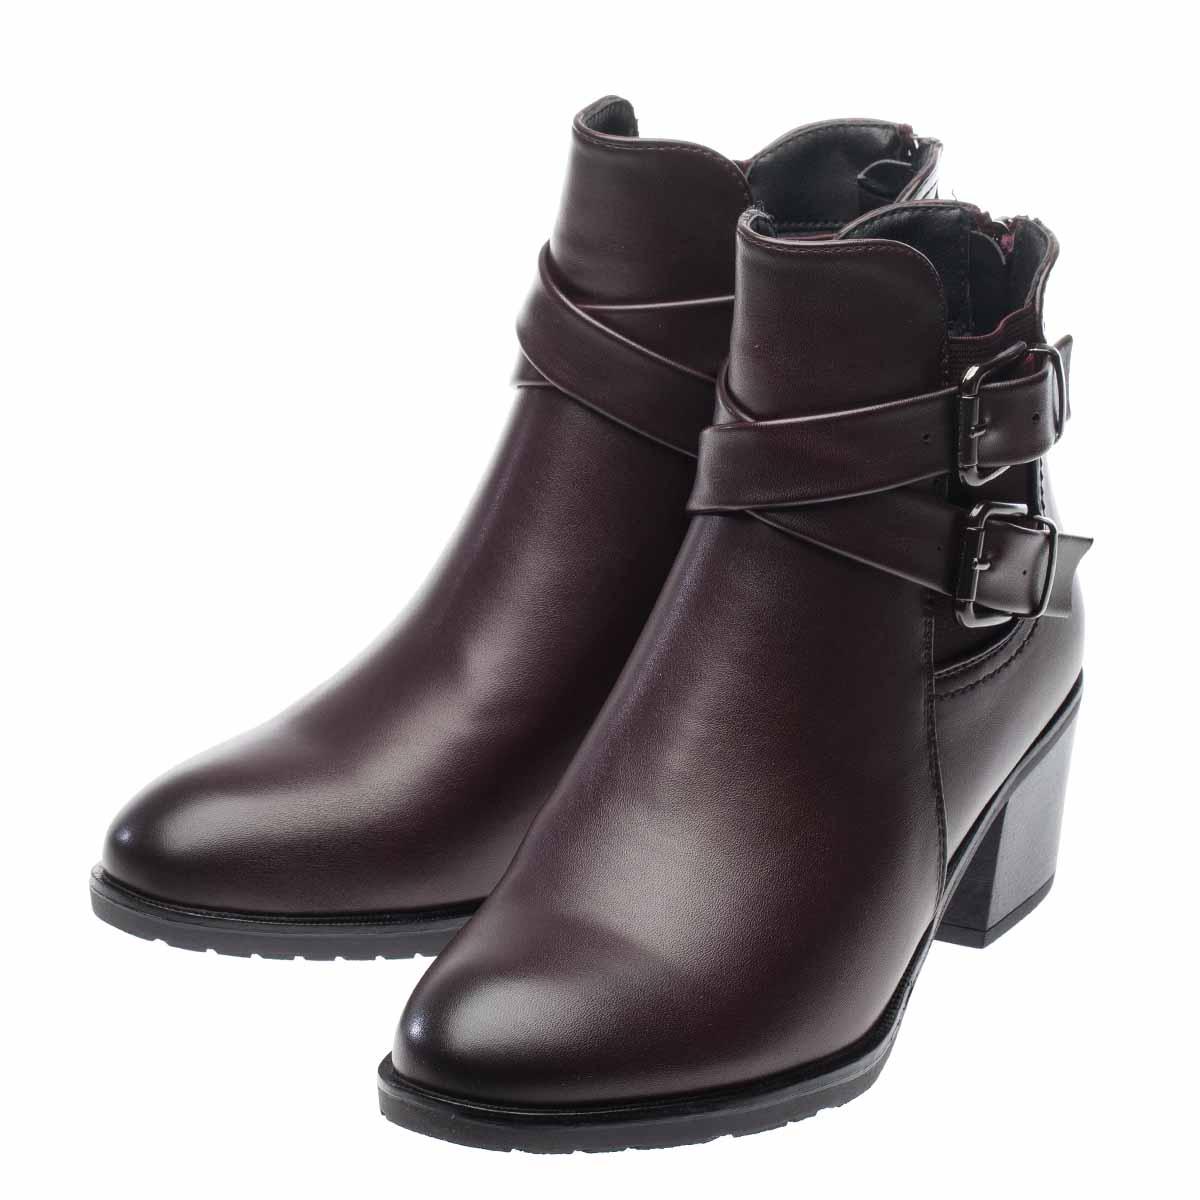 Ботинки демисезонные FERTO, D17-5706